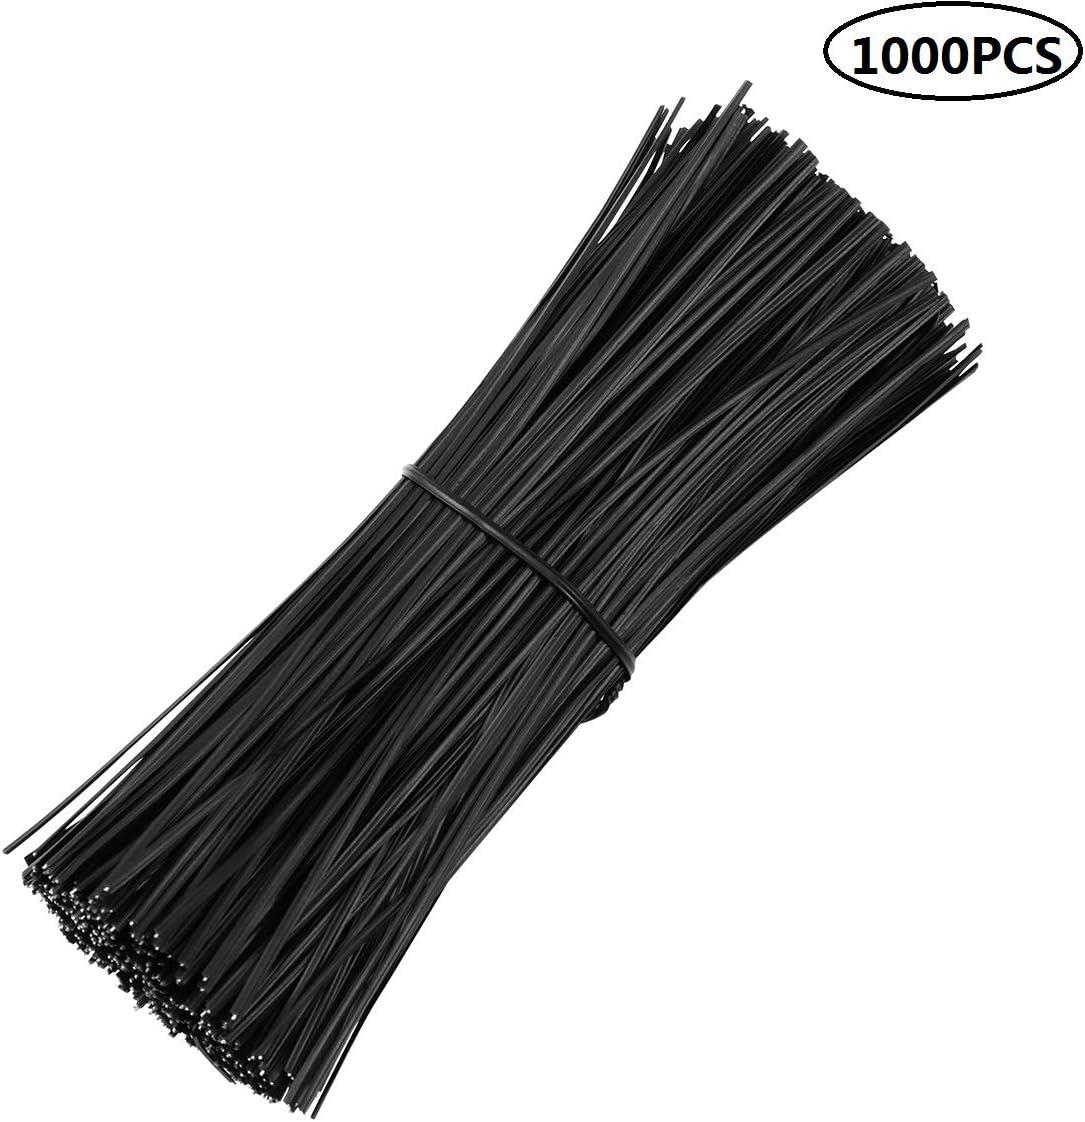 Yardwe 1000 Piezas Negro Lazos de torcedura para jardinería de plástico de 6 Pulgadas Corbata giratoria para Plantas de Vid de Enredadera enrejados de Alambre para Pan Bolsas (Negro 6 Pulgadas)